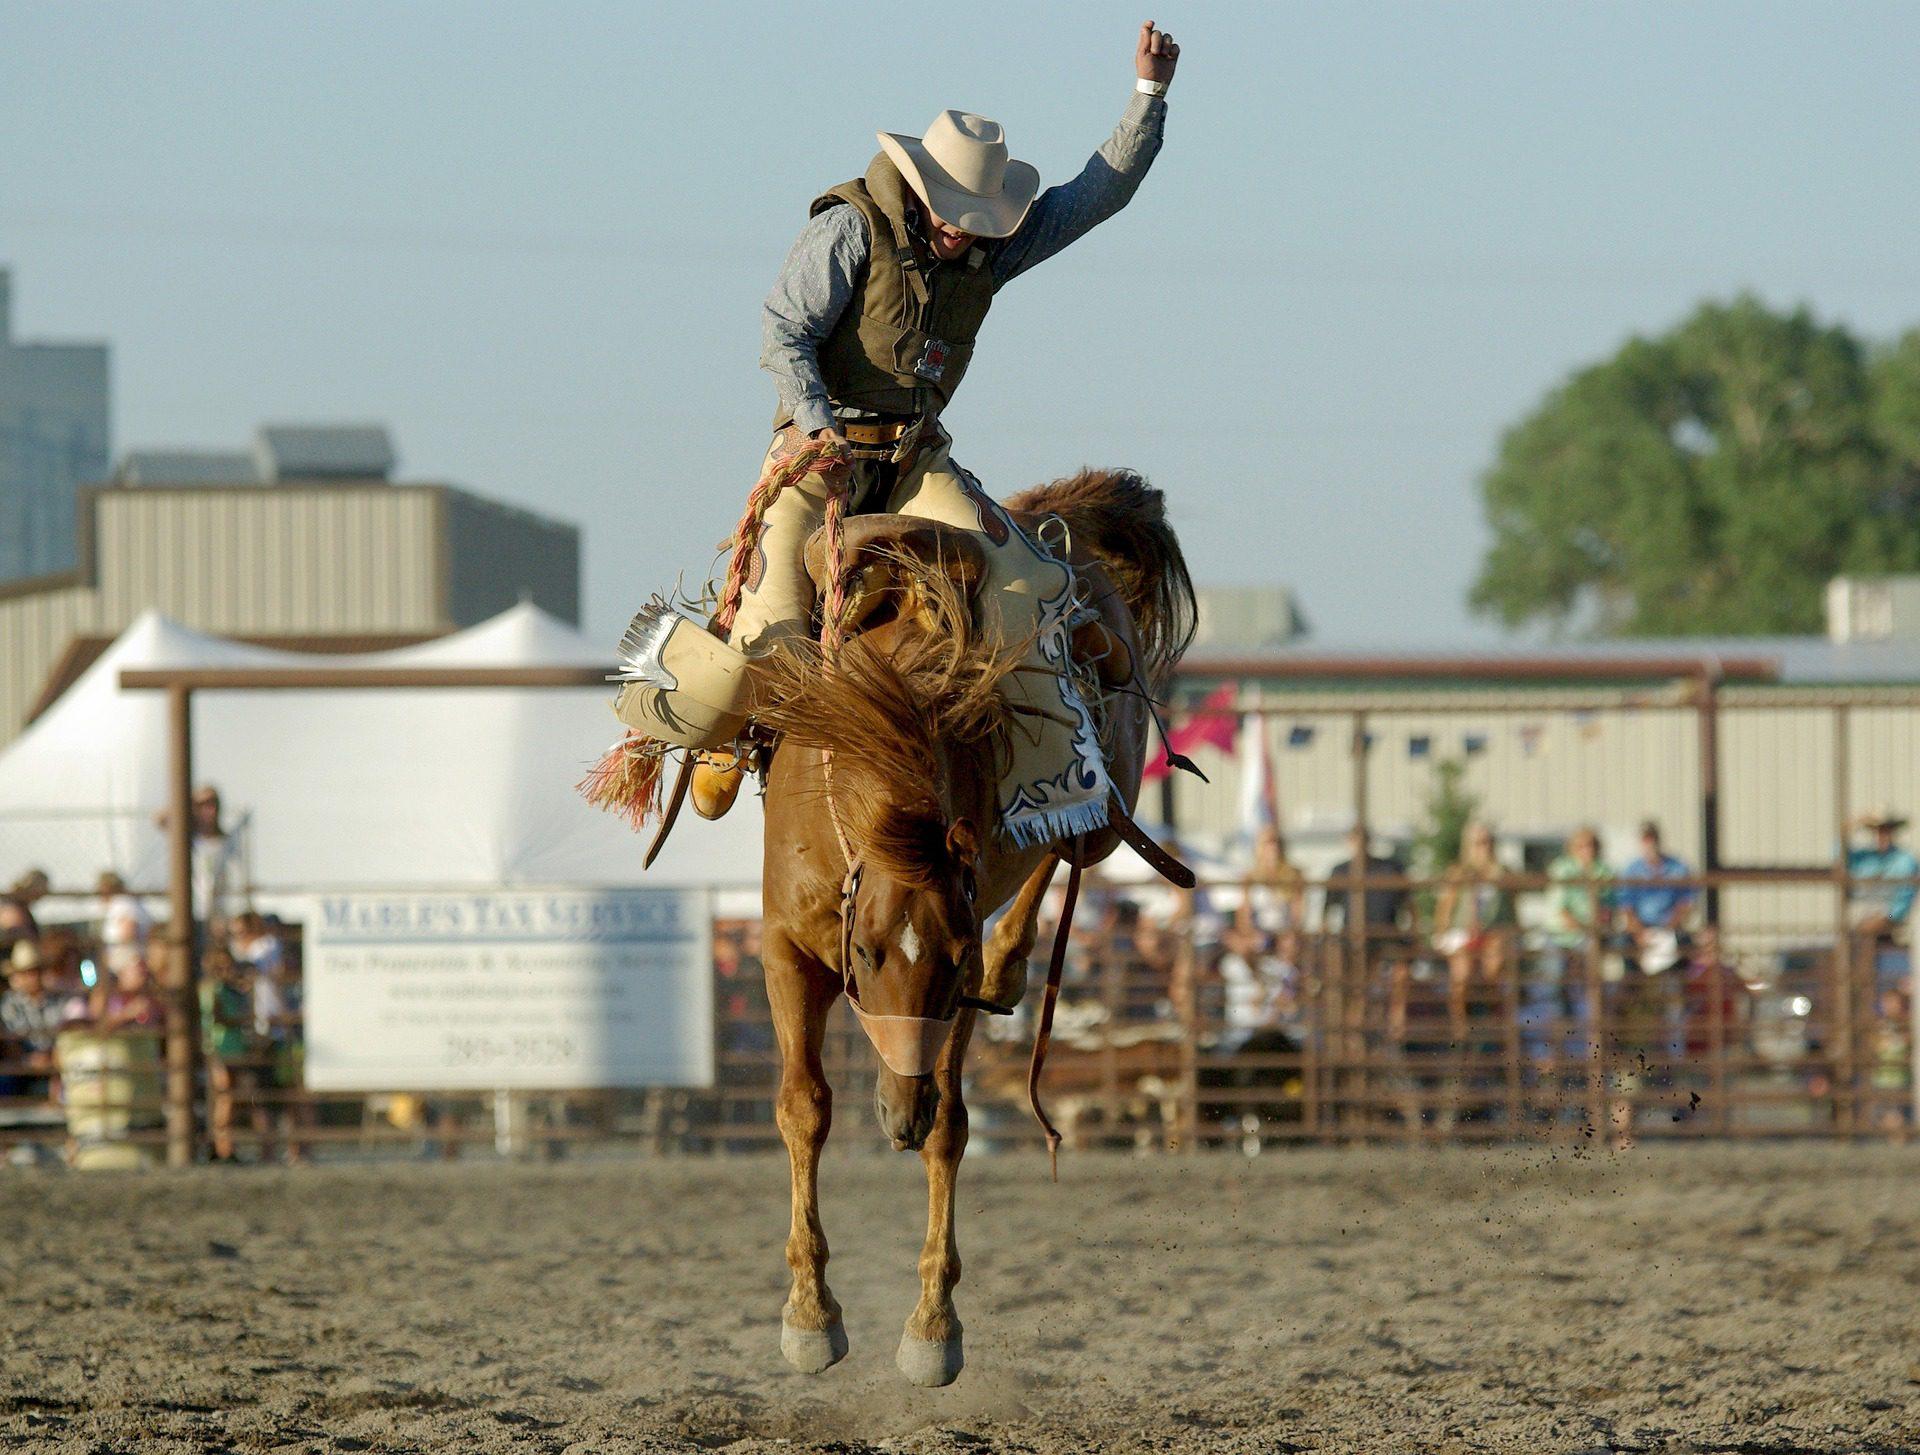 Texan rodeo